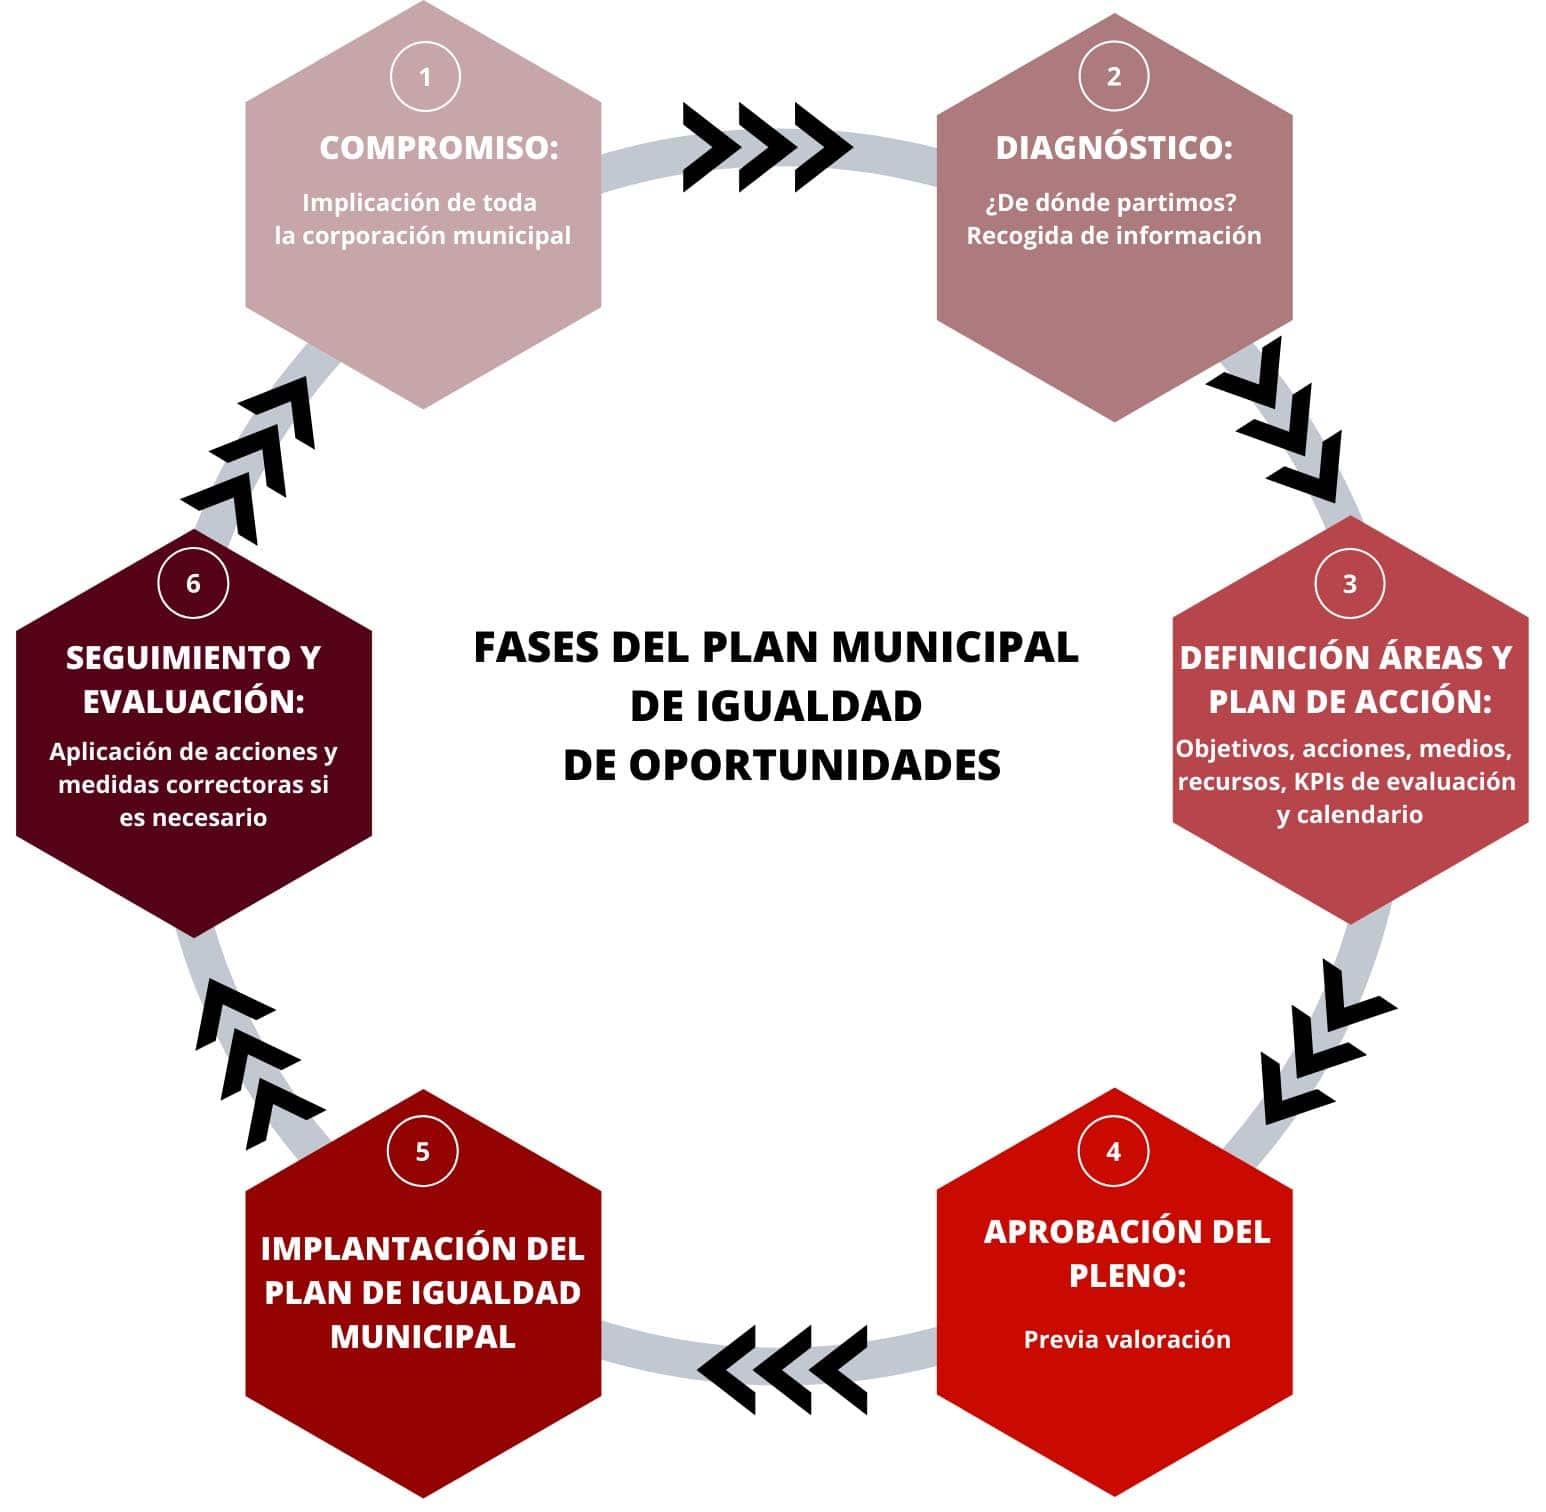 Fases plan municipal de igualdad